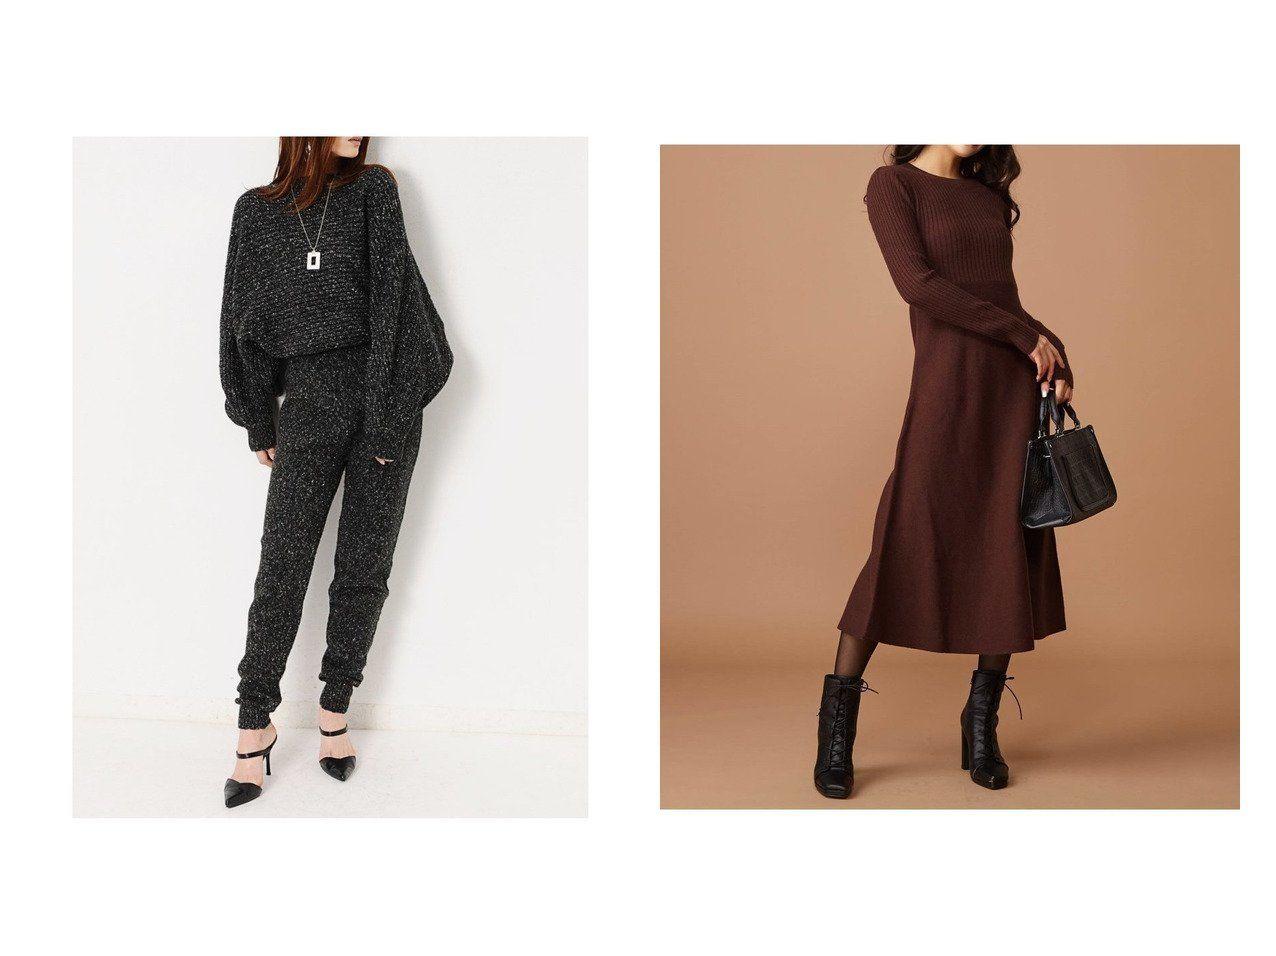 43b5207fafda4 おすすめの人気、秋冬ファッション・ワンピース  ROYAL PARTY ロイヤルパーティー の